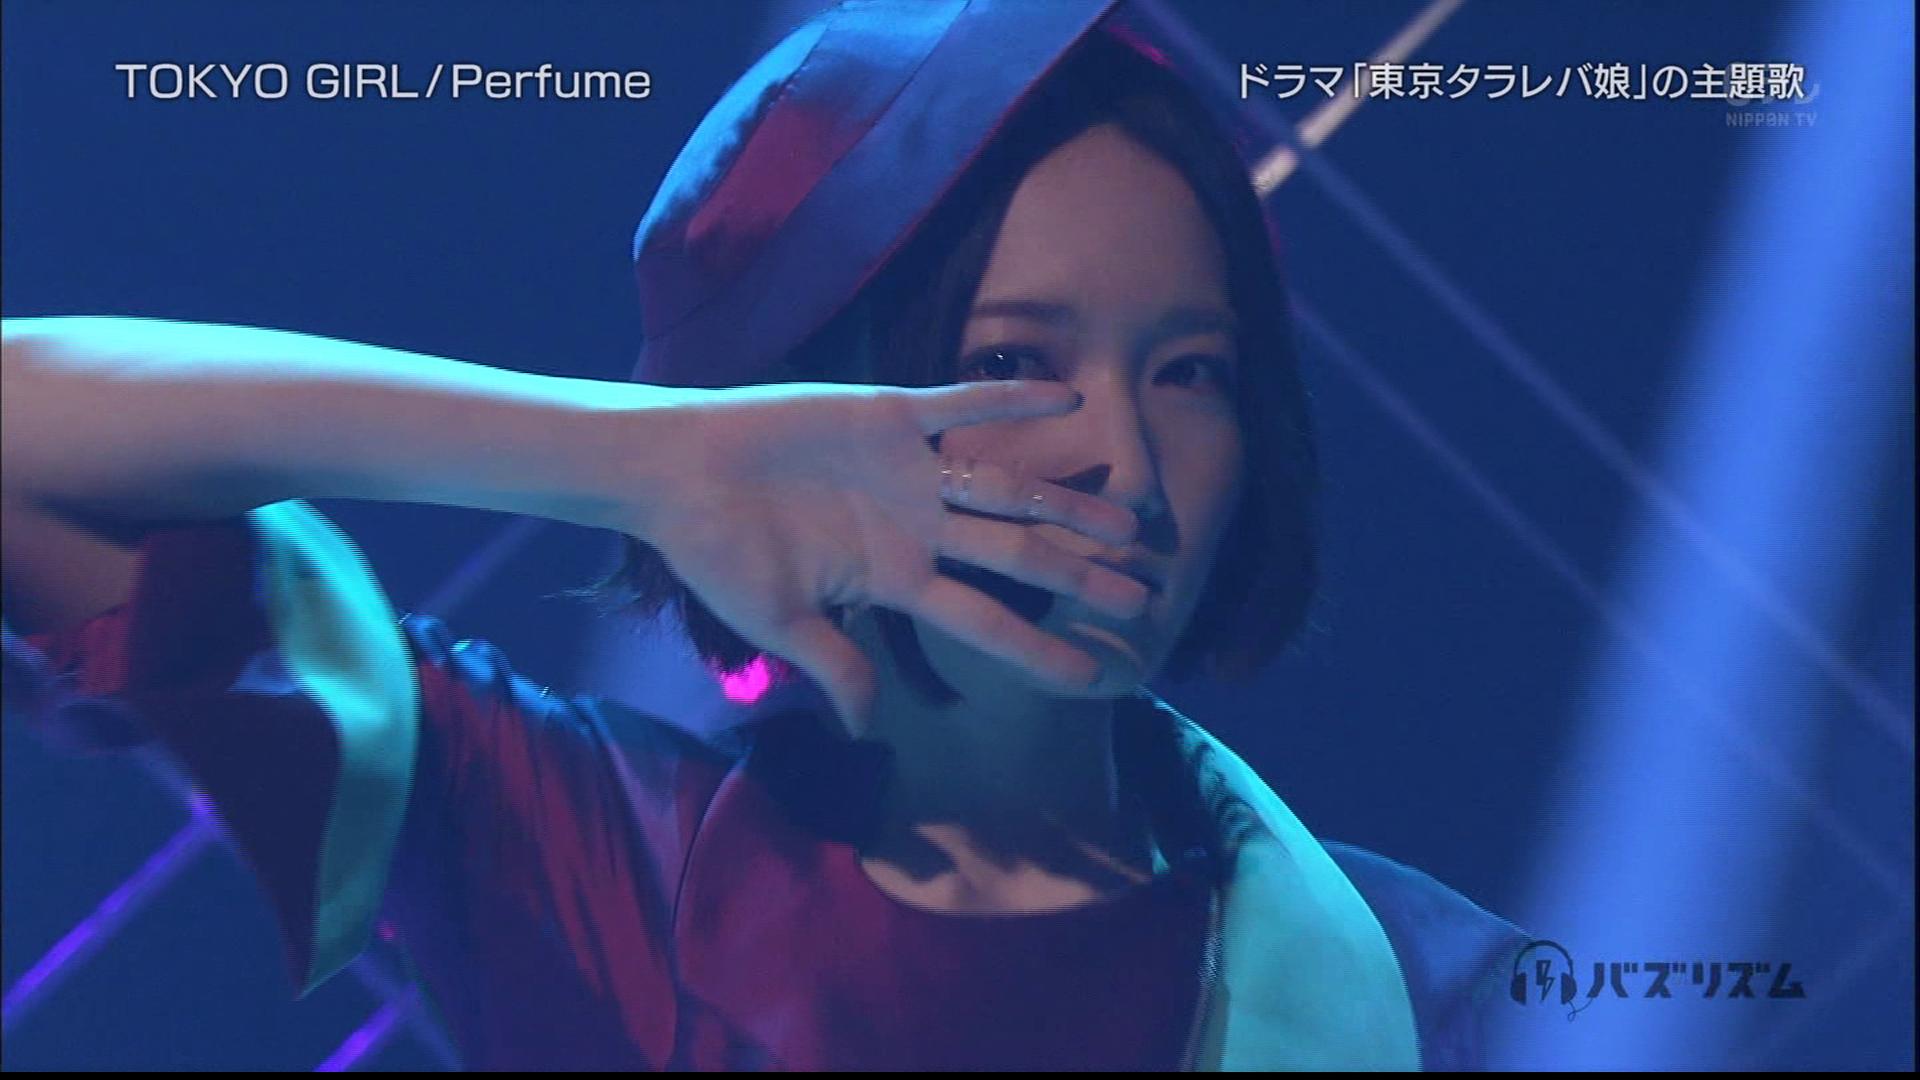 20170403.0228.2 Perfume - Tokyo Girl (Buzz Rhythm 2017.02.17) (JPOP.ru).jpg